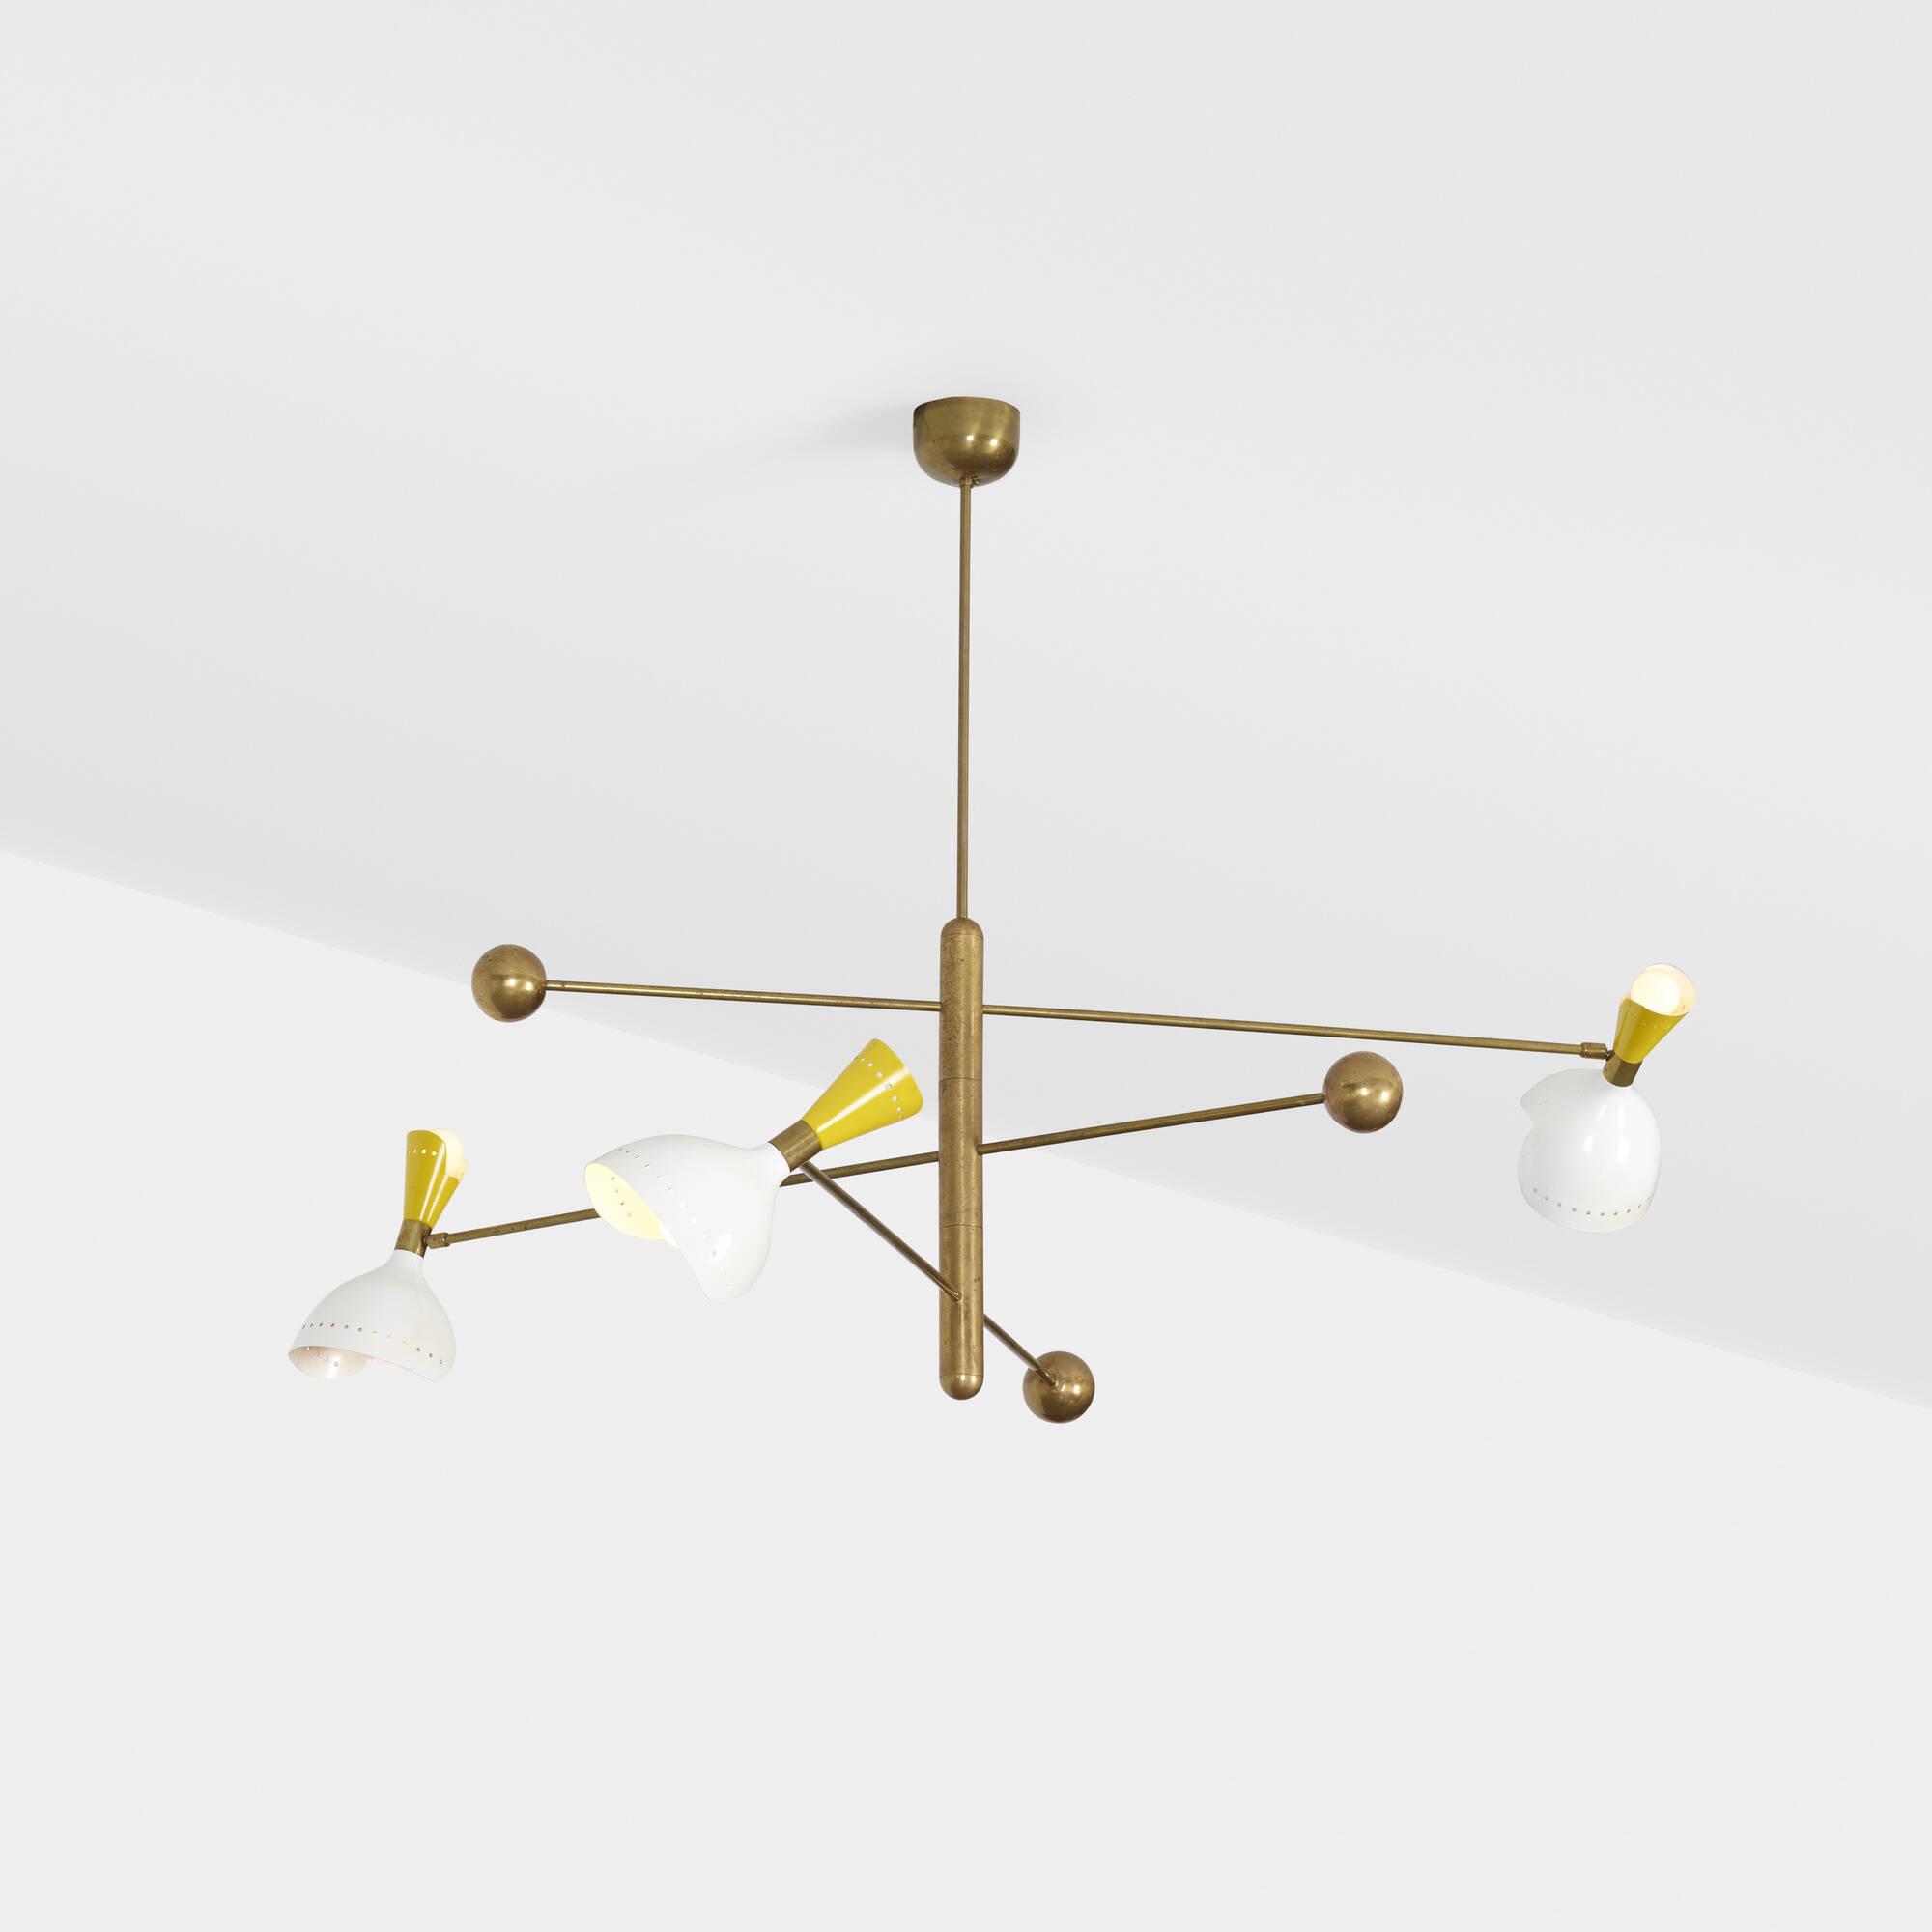 165 stilnovo chandelier design 14 december 2017 auctions 165 stilnovo chandelier 1 of 2 aloadofball Gallery